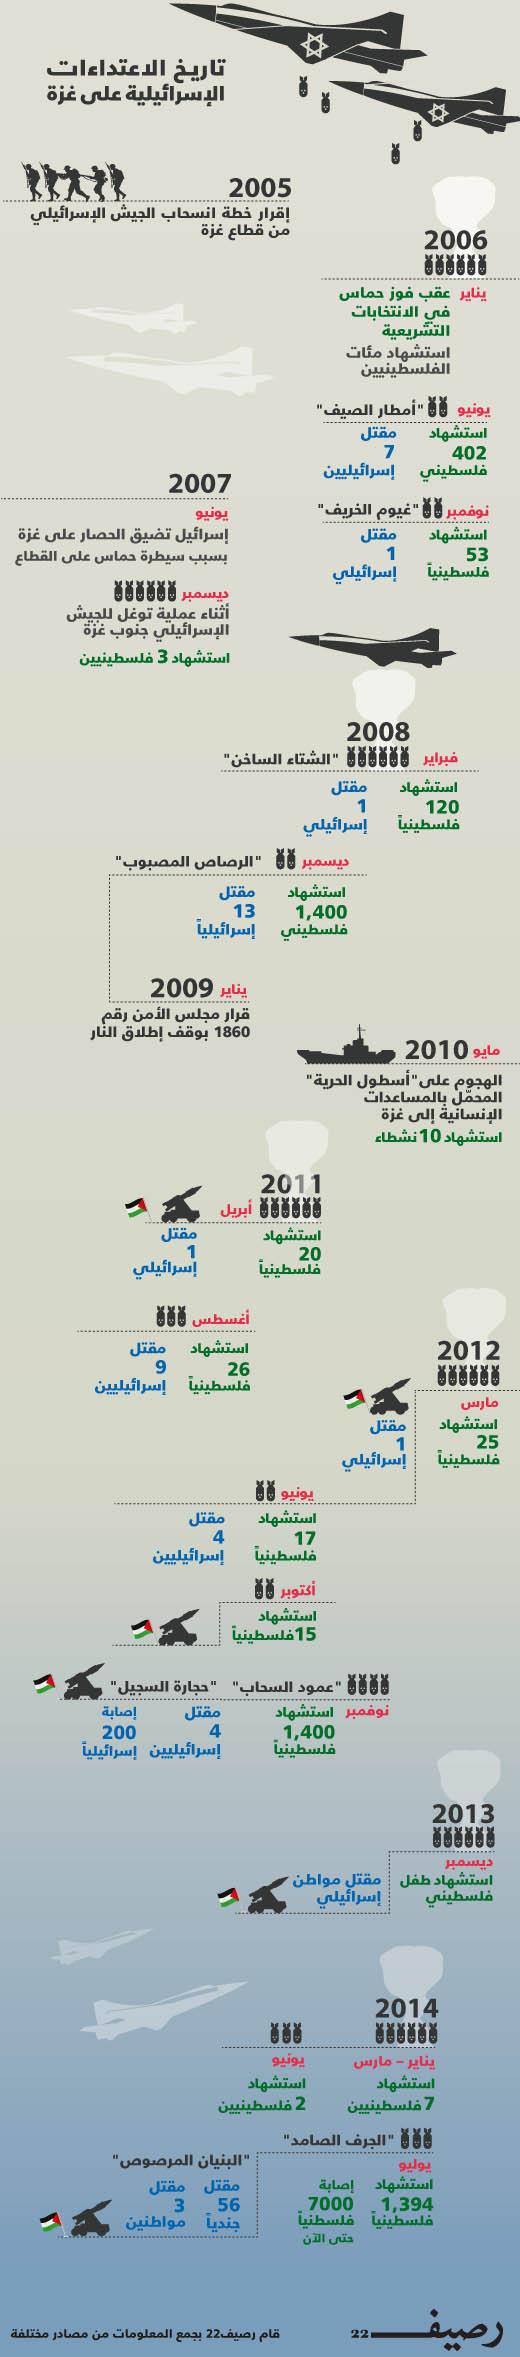 الاعتداءات على غزة - تاريخ الاعتداءات الإسرائيلية على غزة - إنفوجرافيك